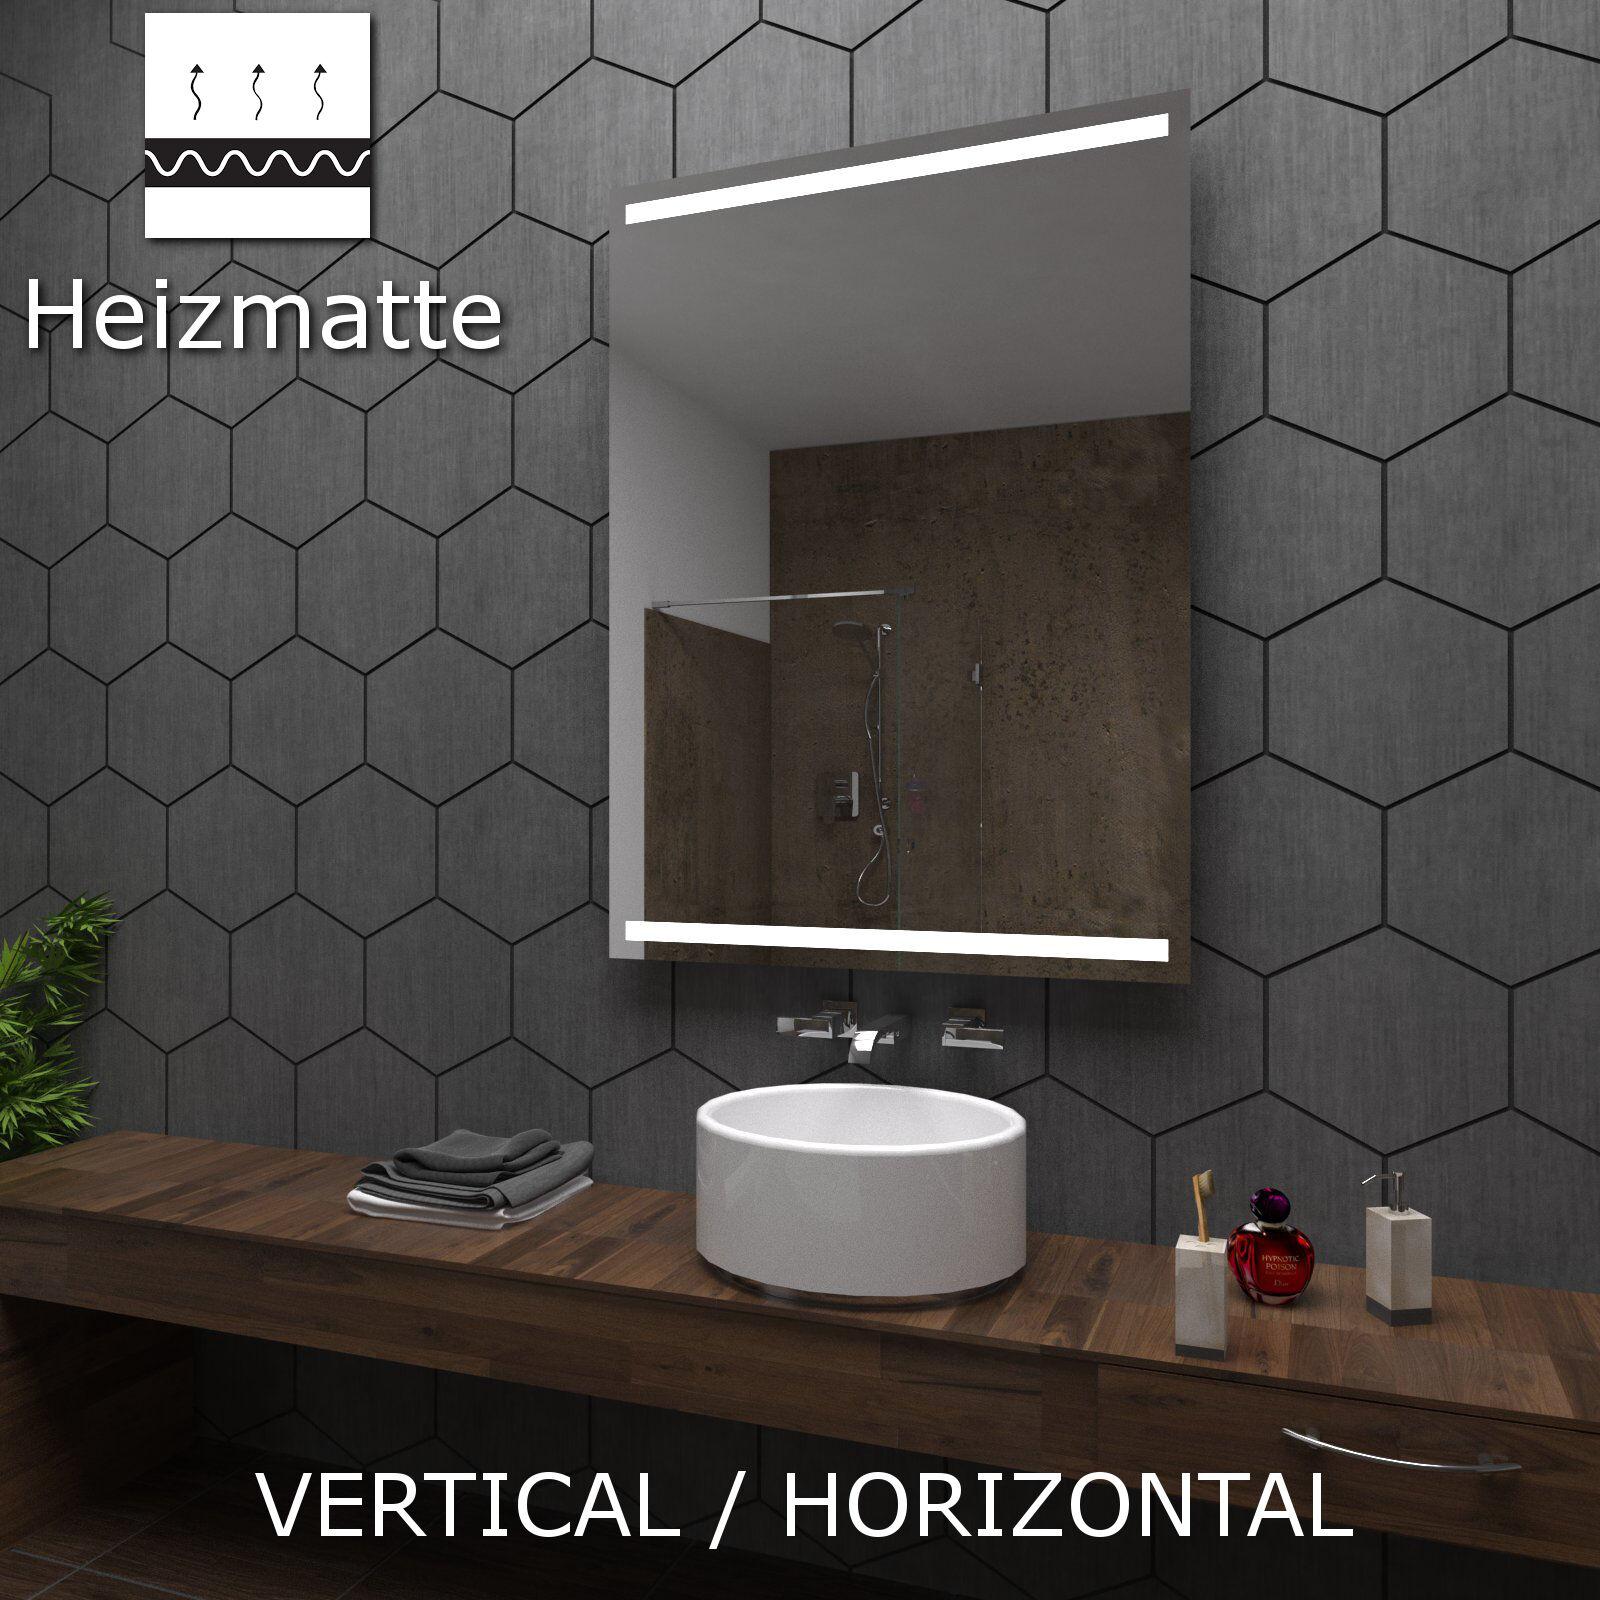 Badspiegel mit LED Beleuchtung Wandspiegel  nach Maß Heizmatte ECO+PARIS Model